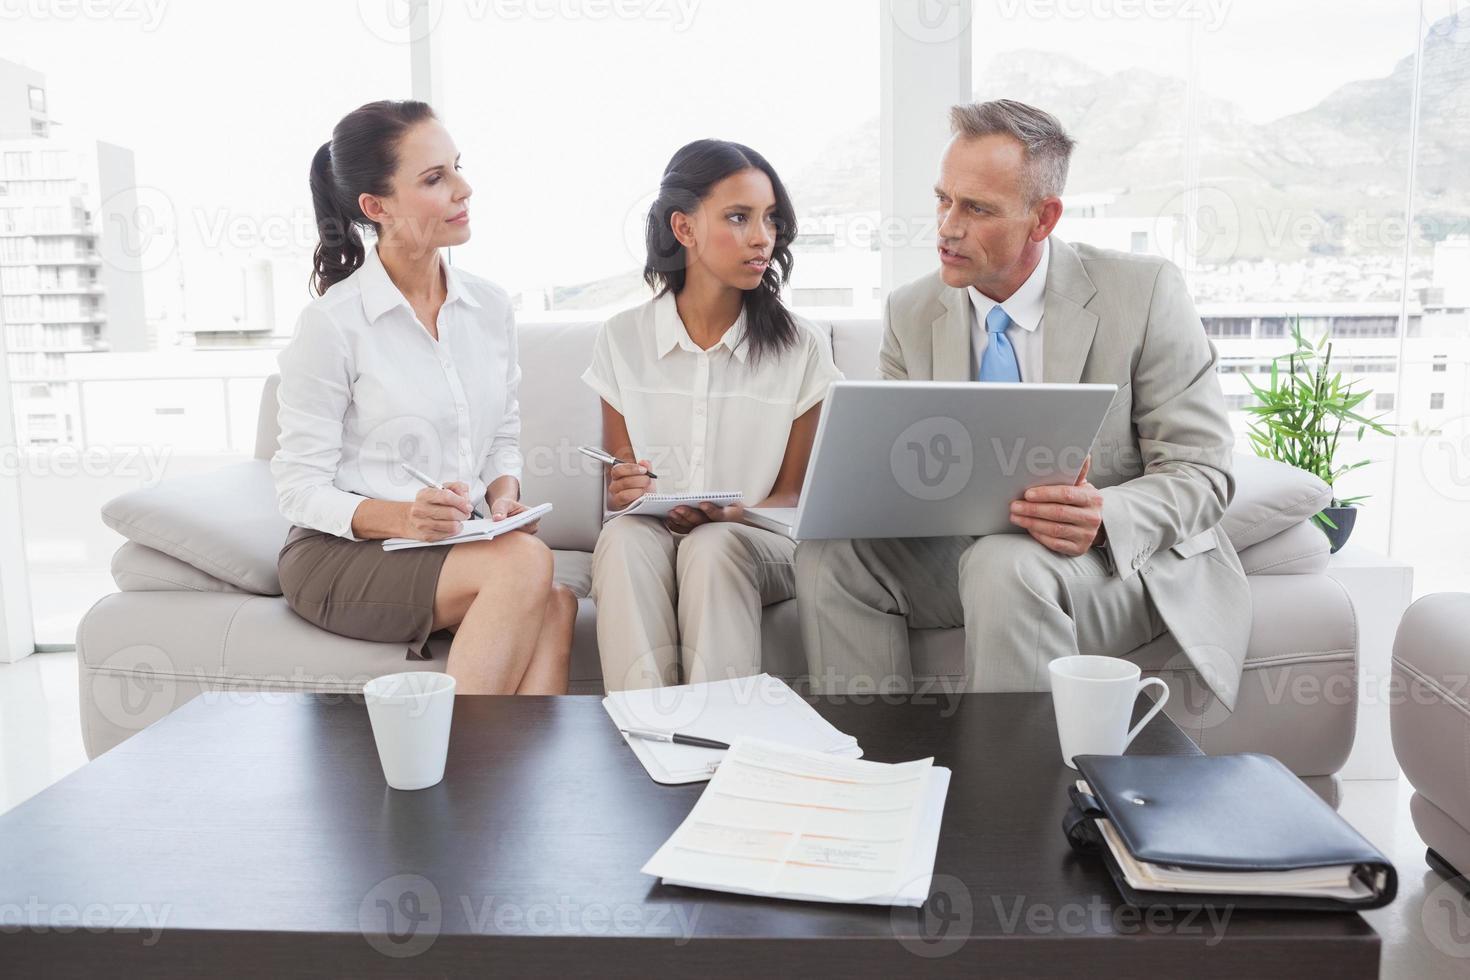 équipe commerciale travaillant ensemble photo